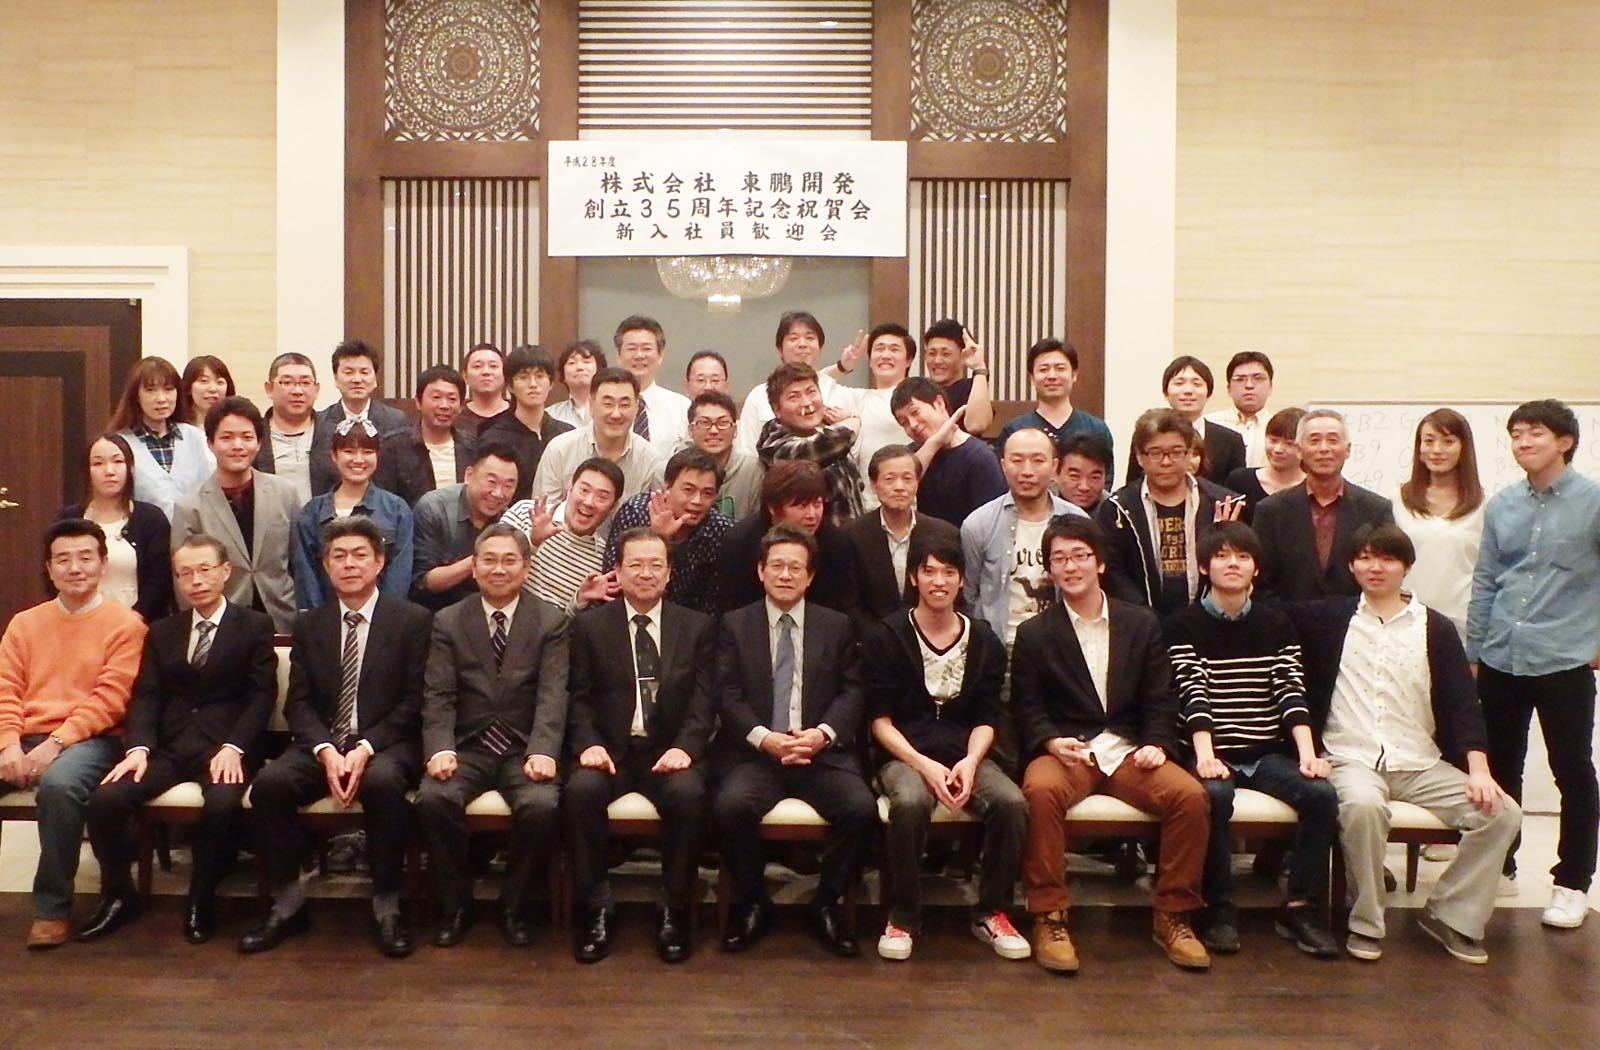 2016年4月、会社創立35周年記念祝賀会&新入社員歓迎会にて。社員の半数は20~30代。